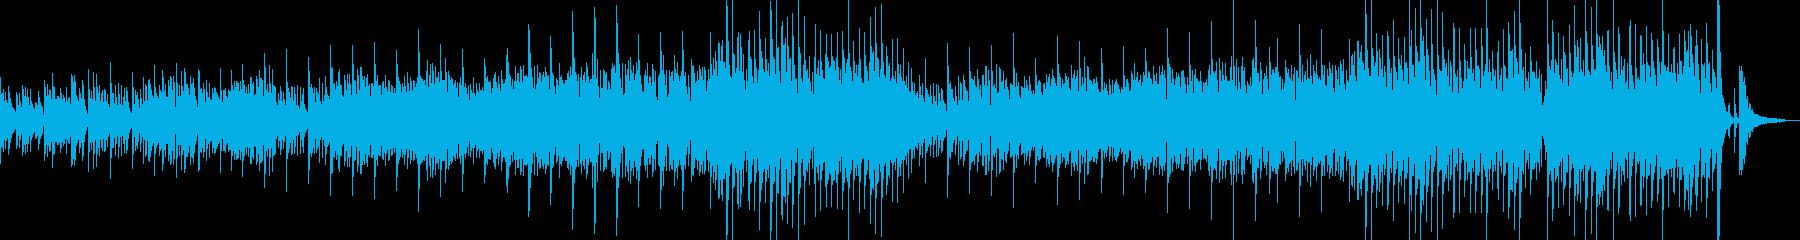 アトリエをイメージした曲の再生済みの波形